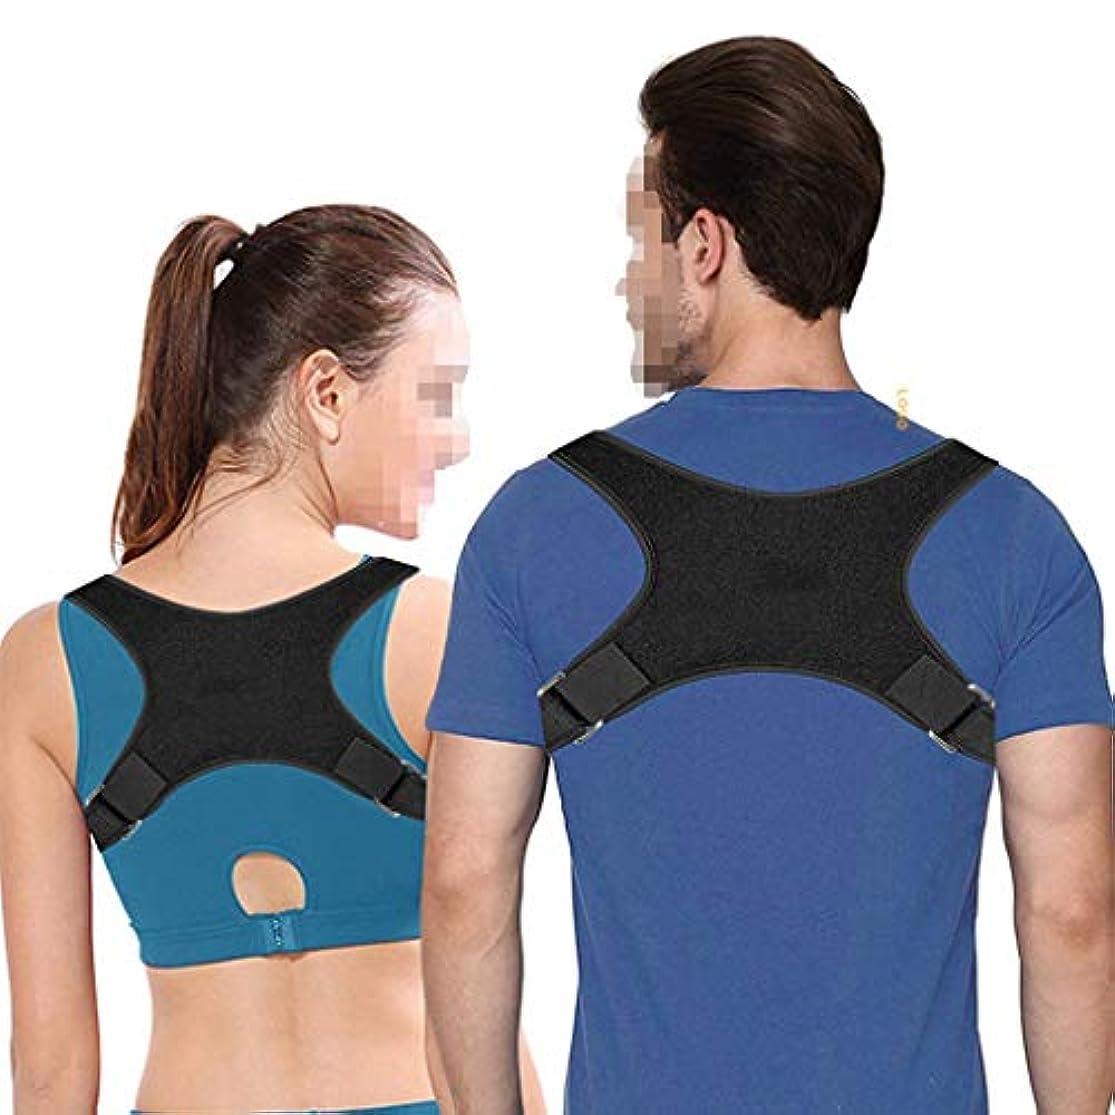 背部サポート姿勢補正器 - 男性や女性のハングバック背部姿勢補正器に適しています(ワンサイズはすべてにフィット)